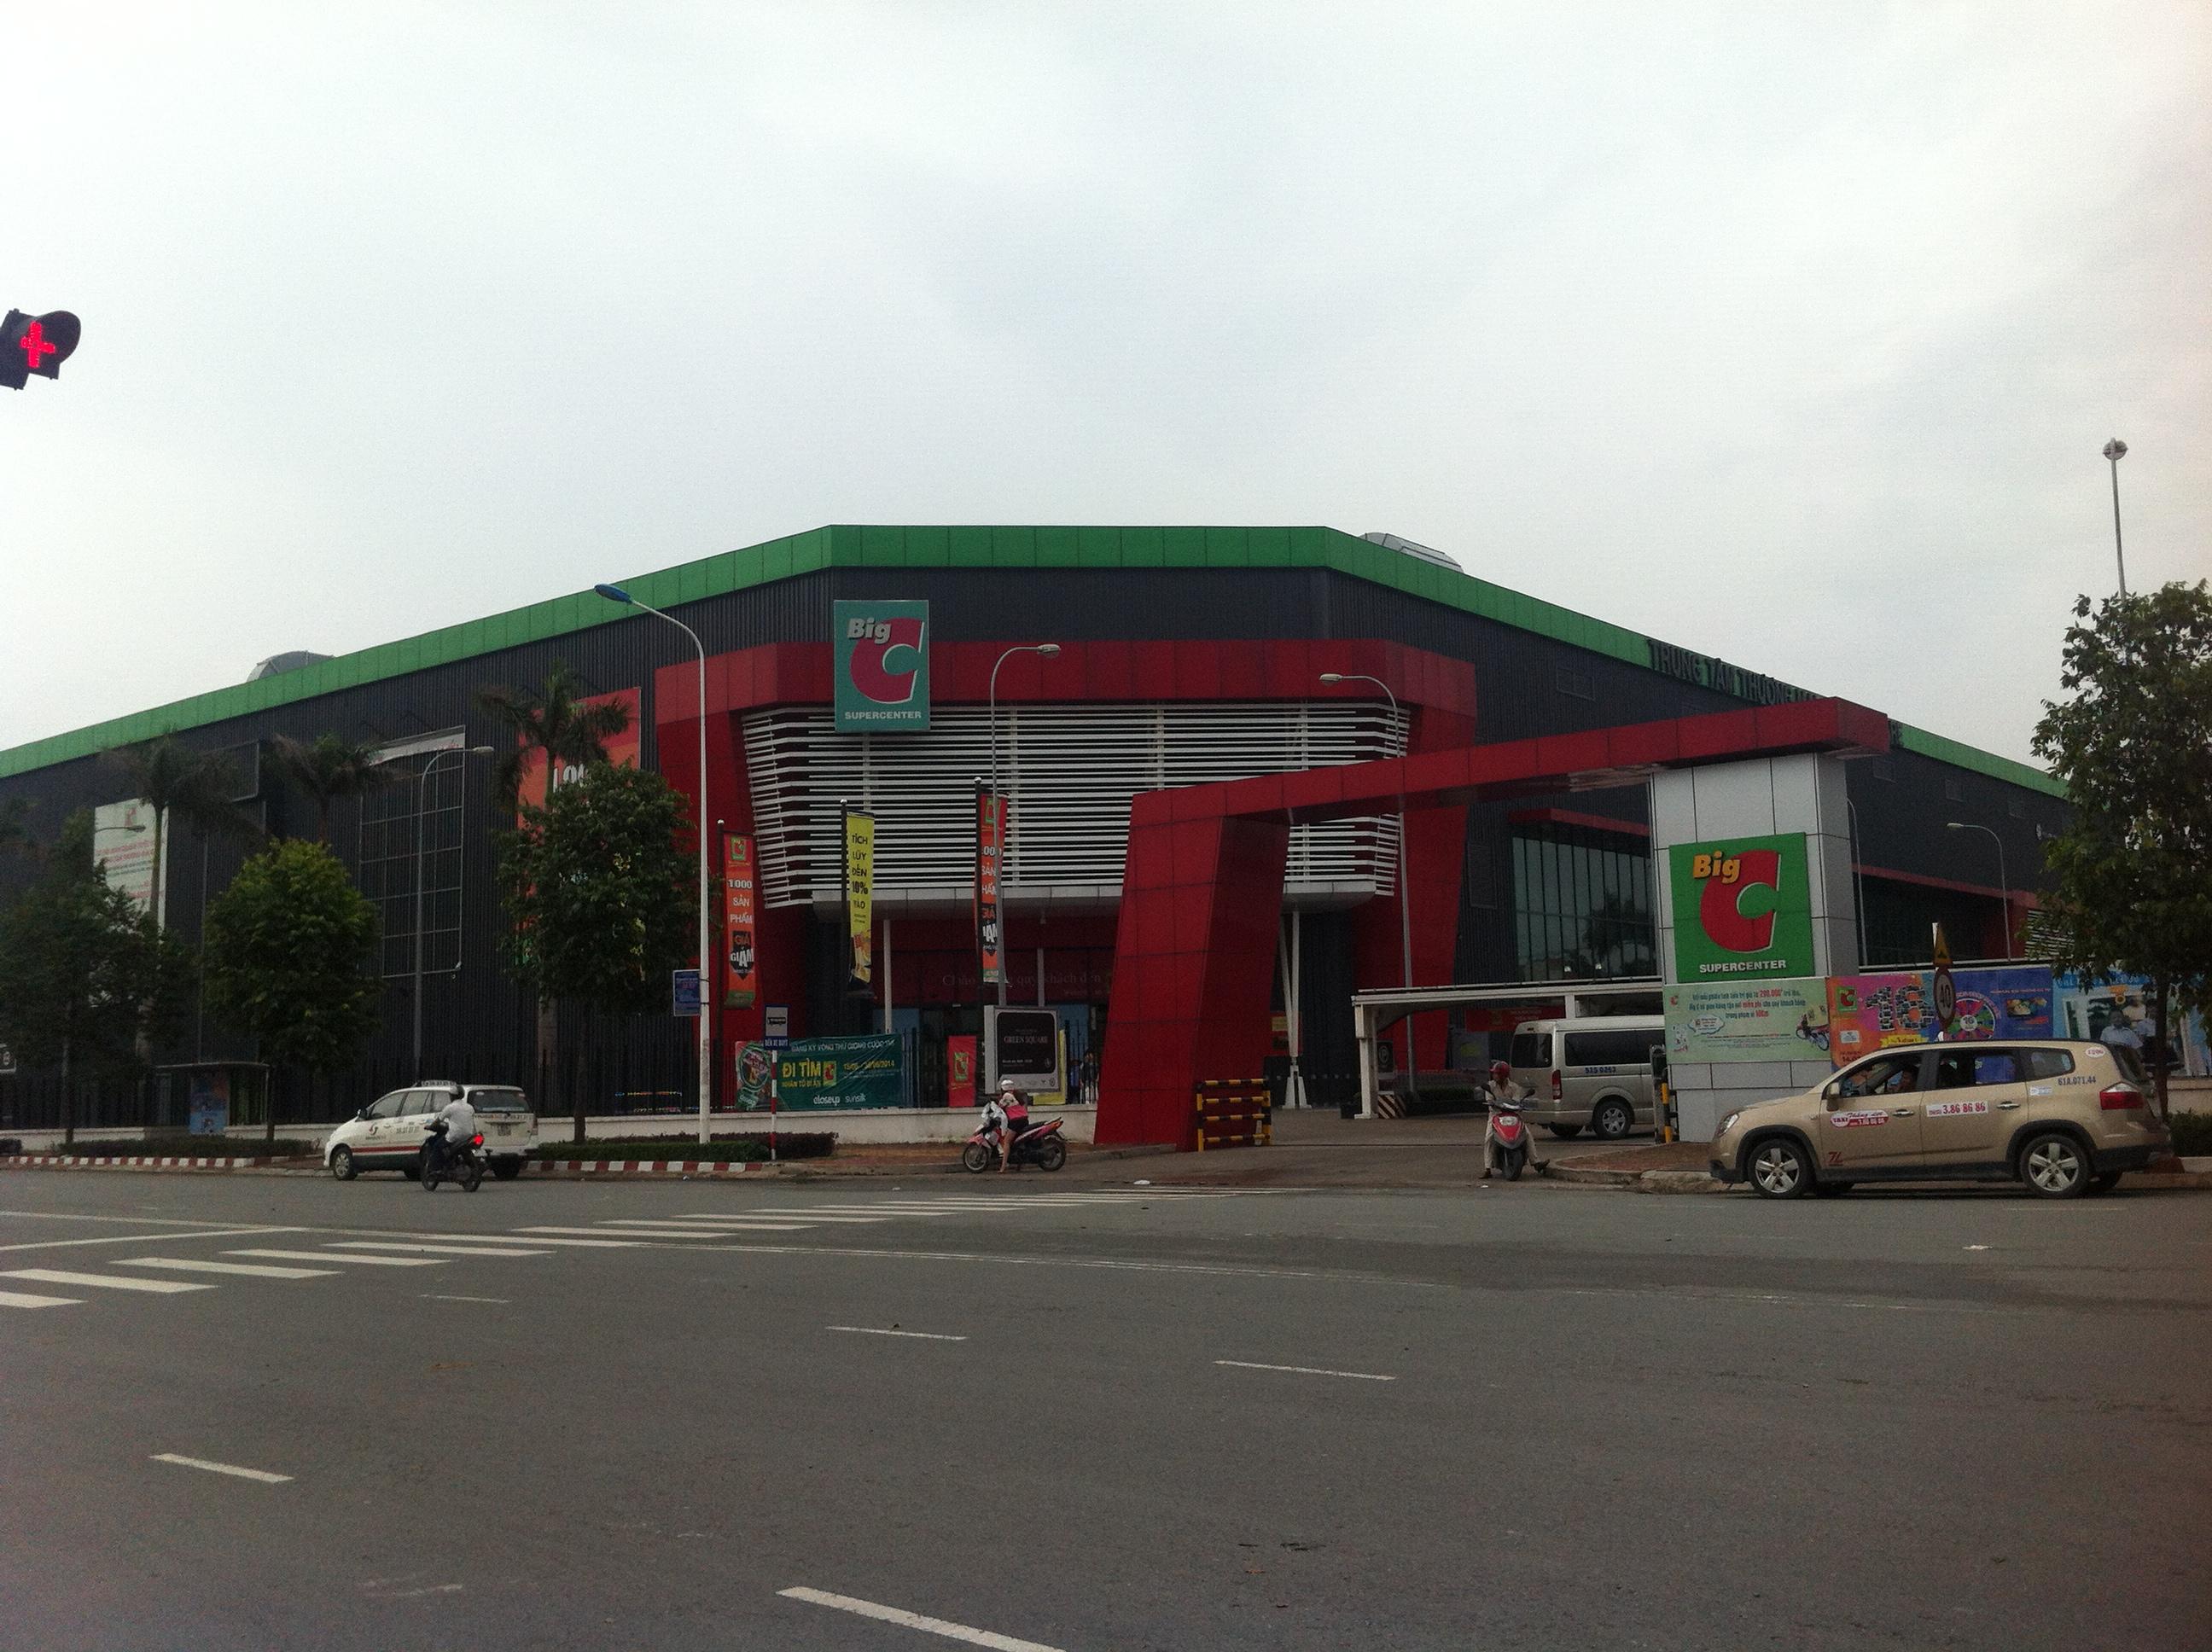 Nhà đất huyện dĩ an bình dương chính chủ, nhà gần siêu thị bigc dĩ an